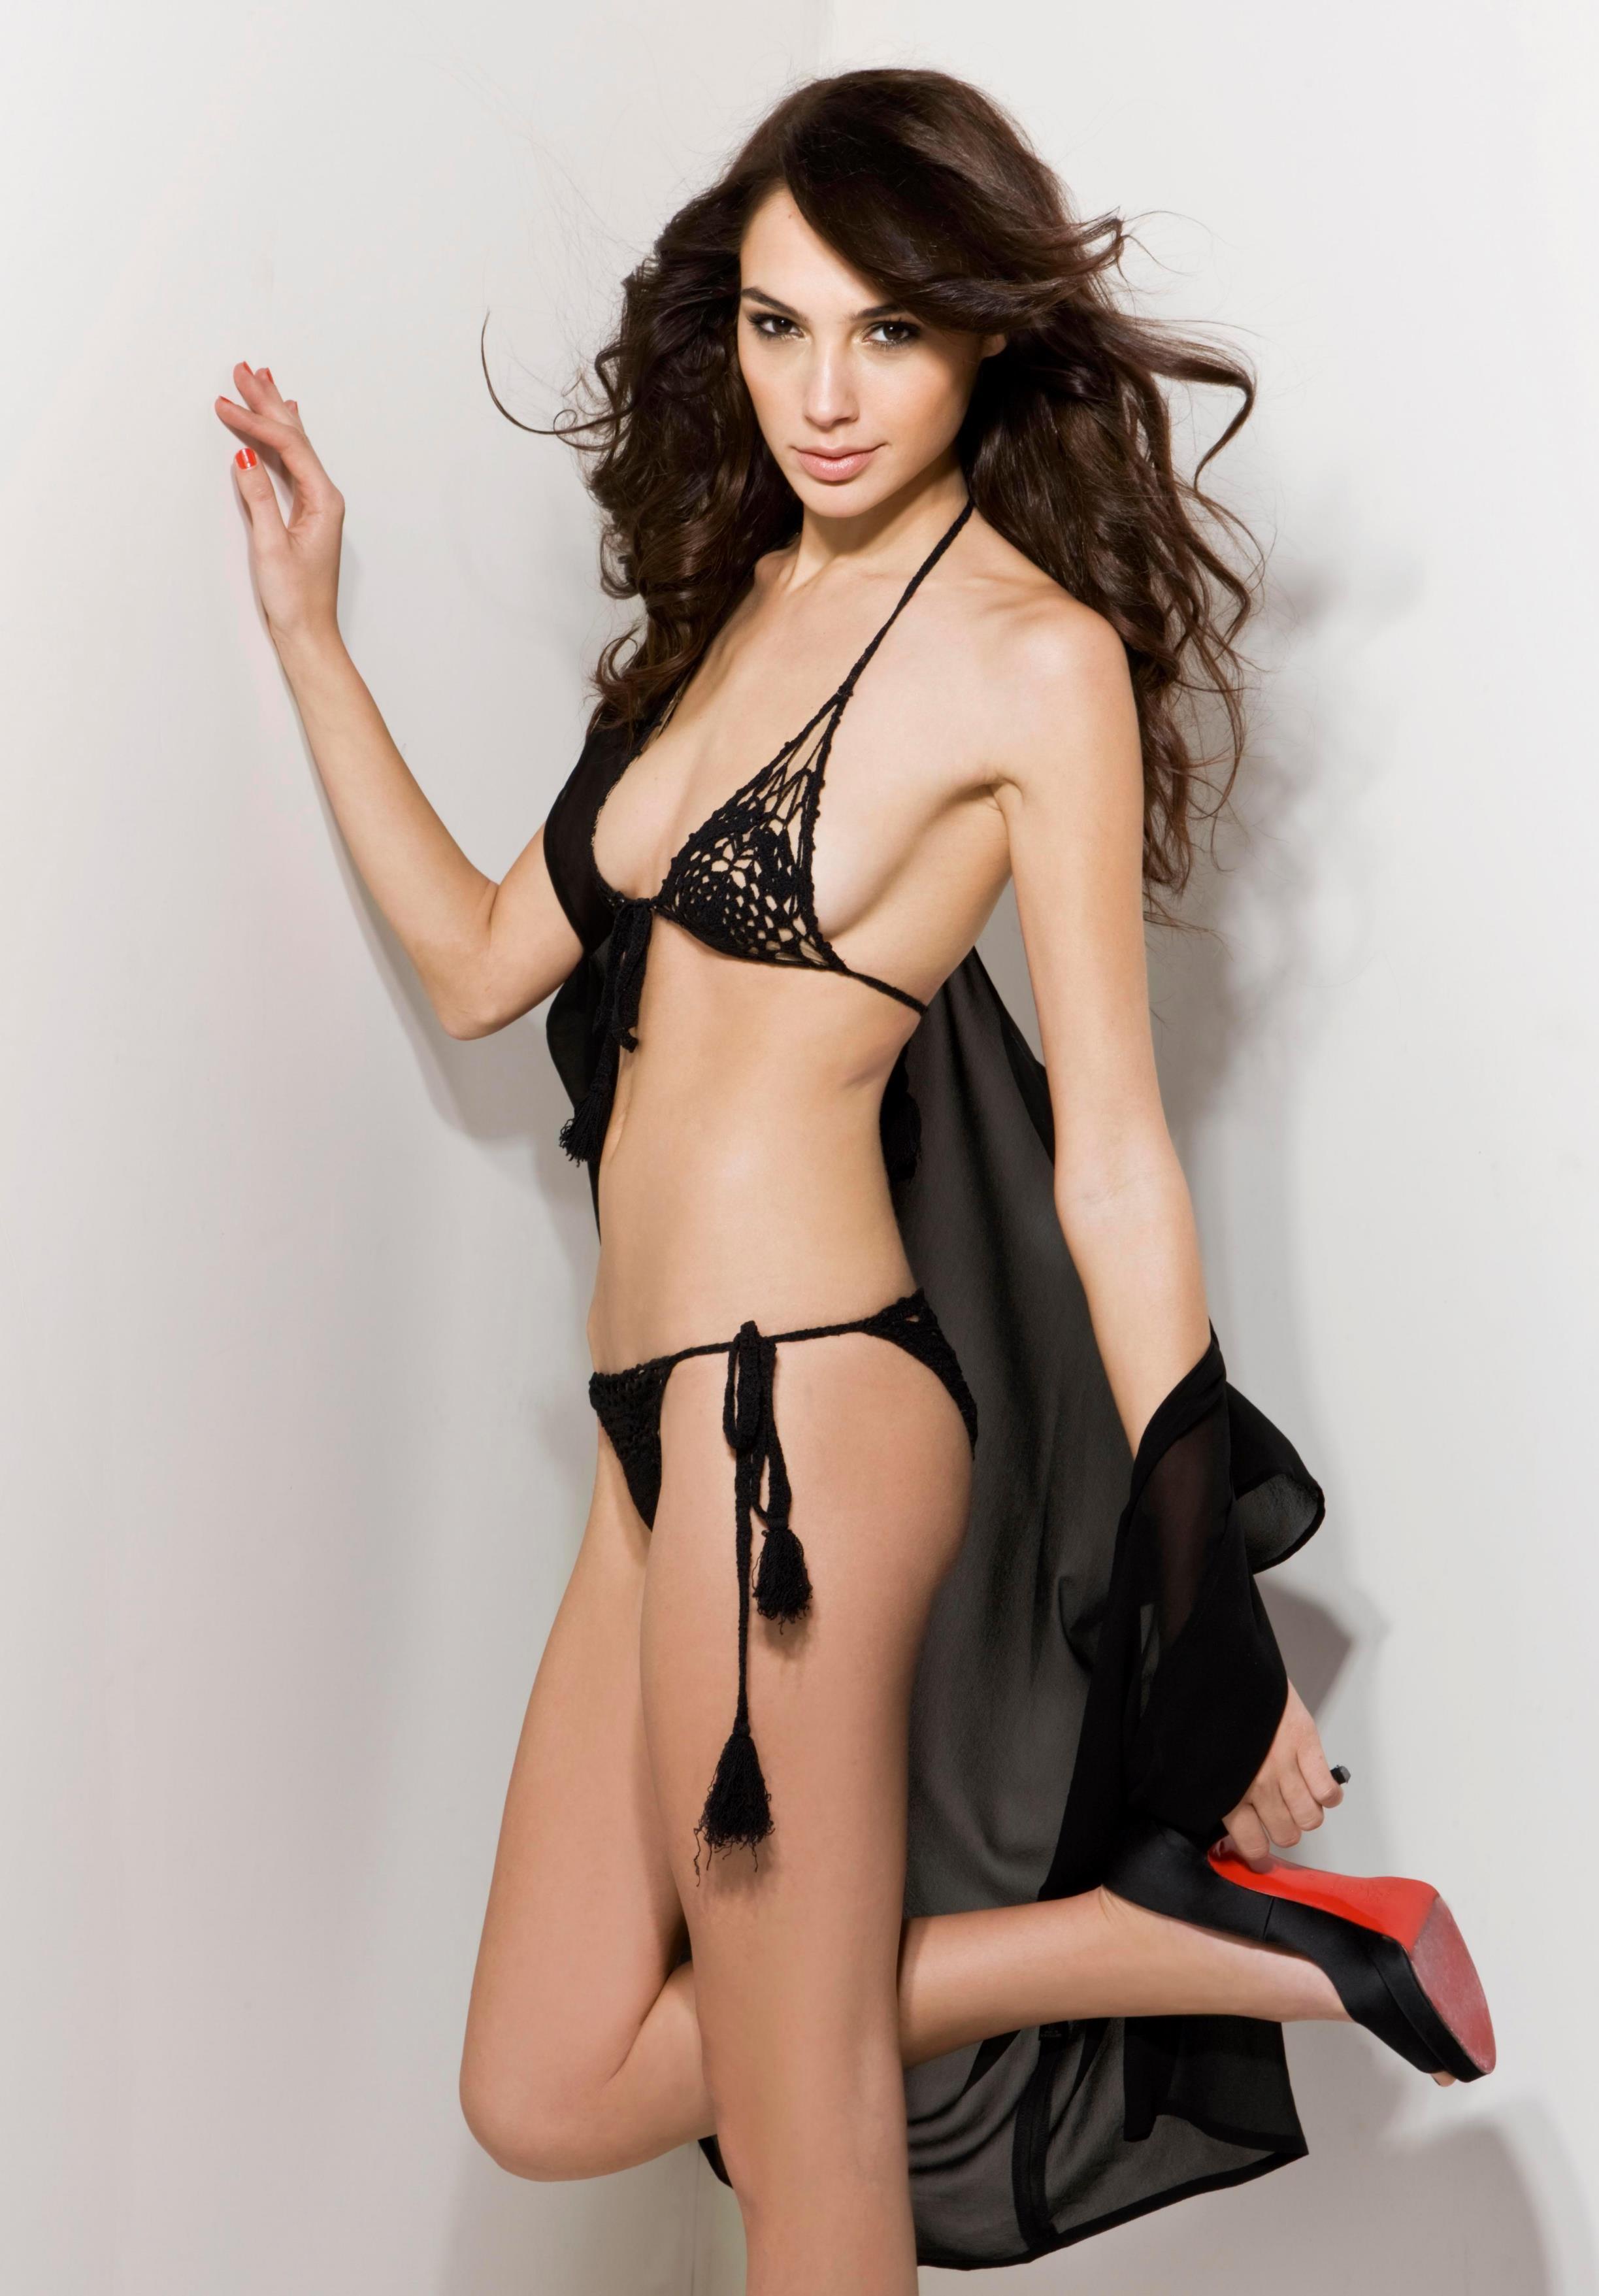 bikini model of the year